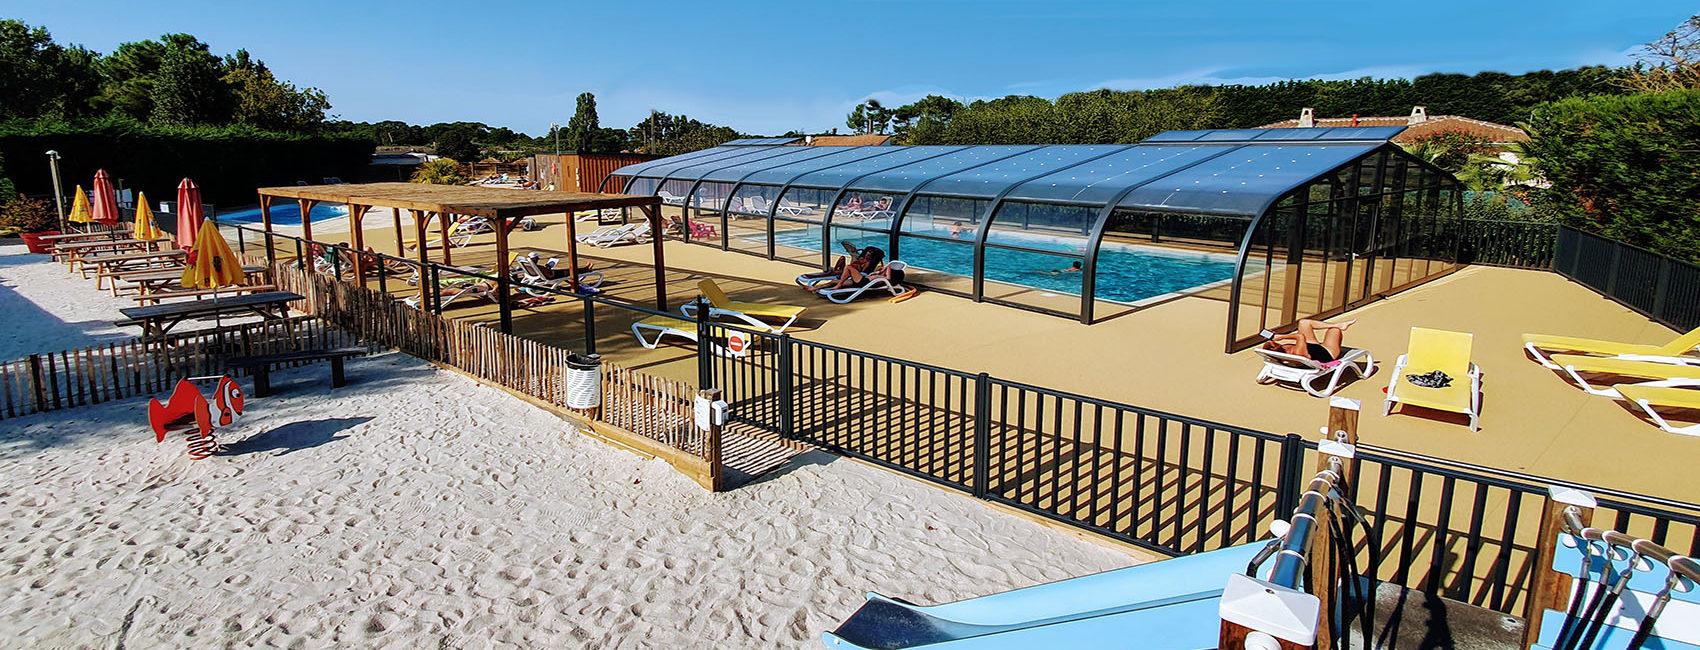 photo-piscine-couverte-camping-paradis-les-pins-saint-palais-sur-mer-près-de-royan